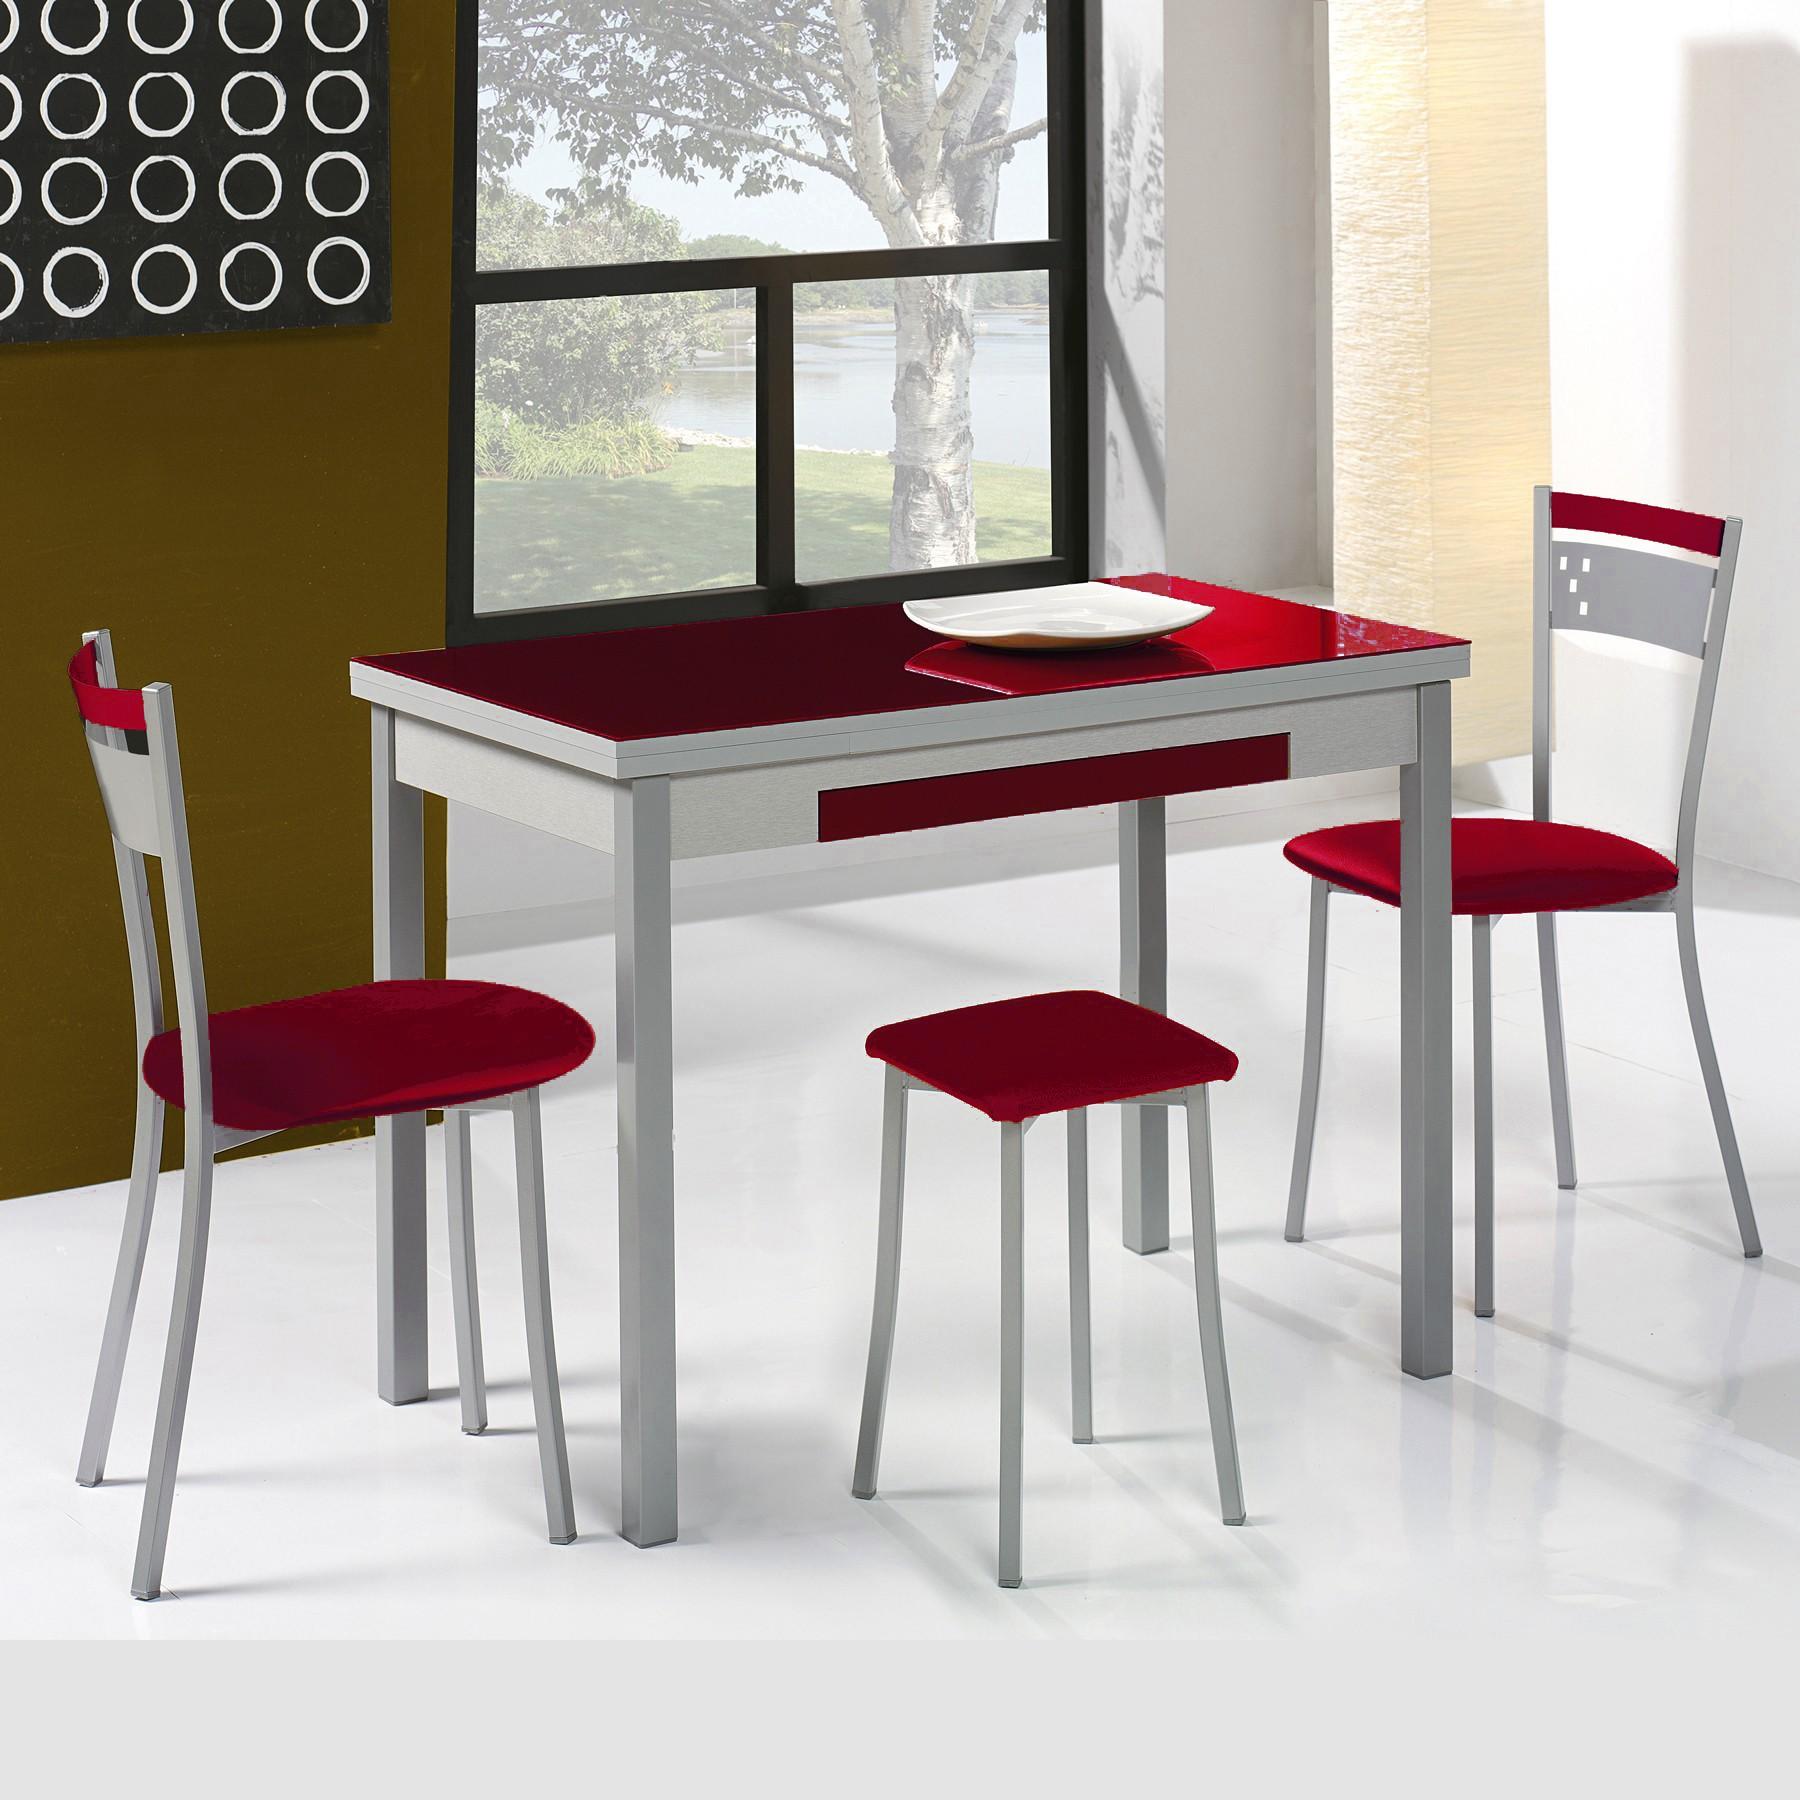 Pack mesa de cocina extensible y 4 sillas mod a for Mesas para cocina extensibles